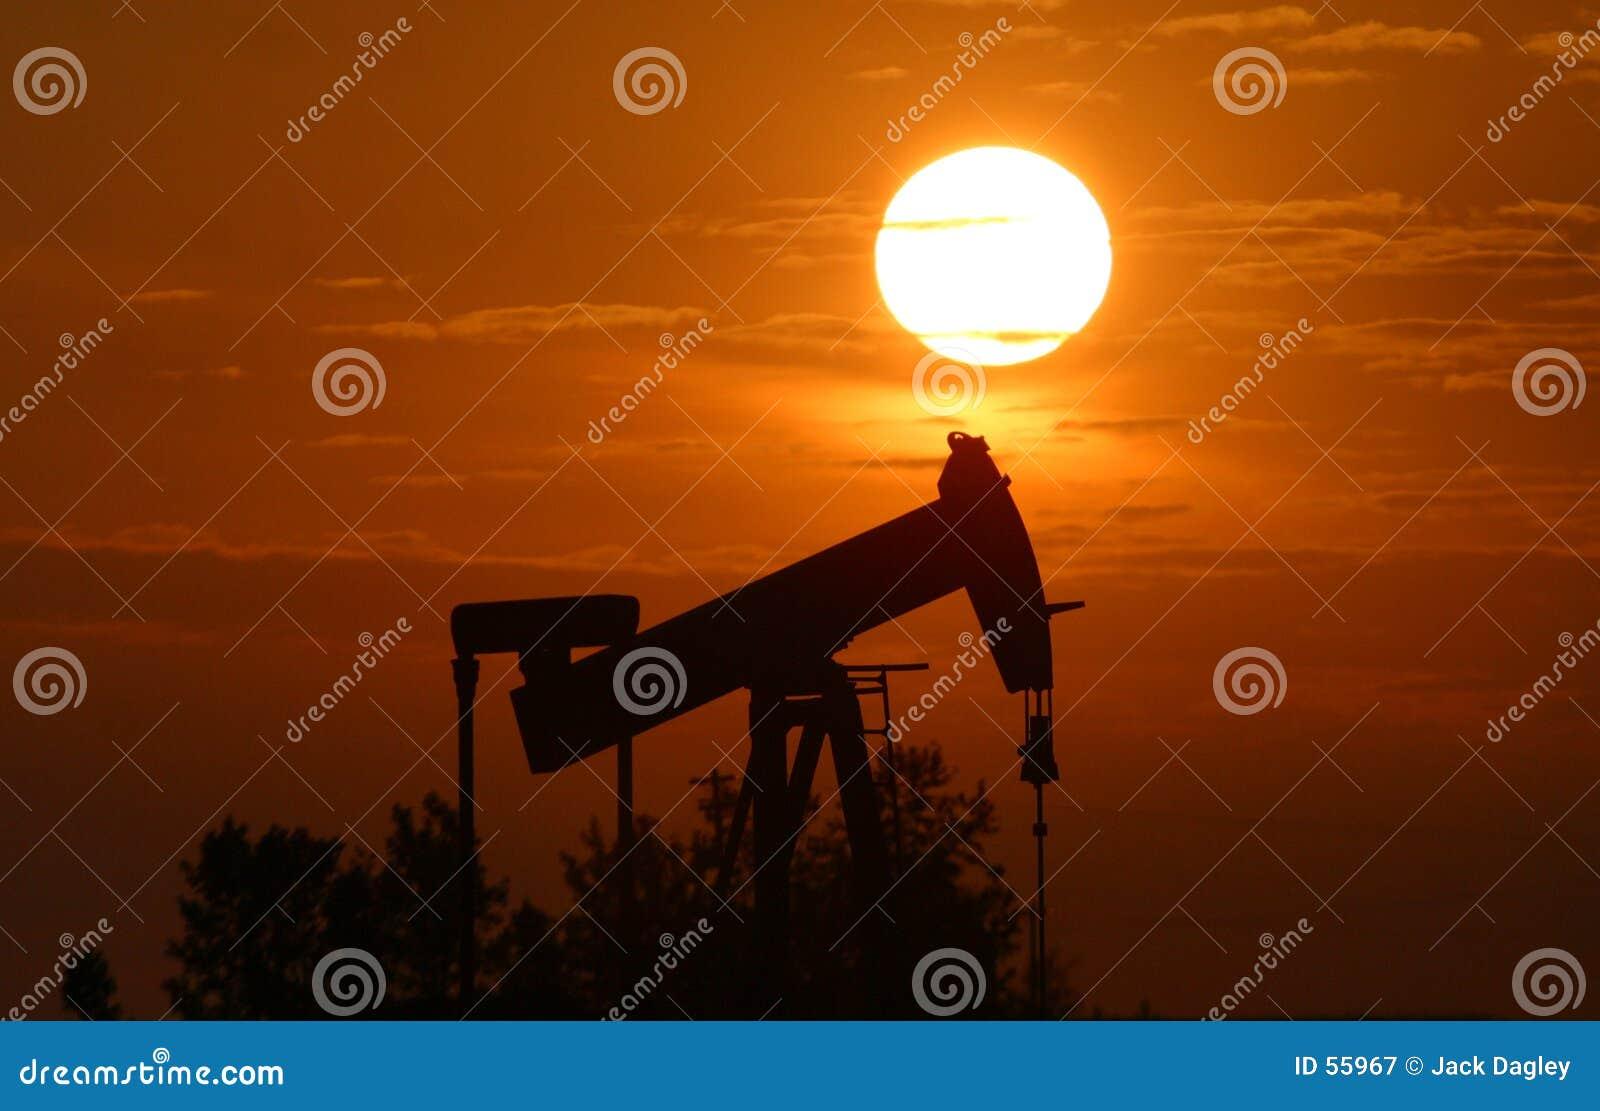 Download Plot de pompe de pétrole image stock. Image du horizons - 55967